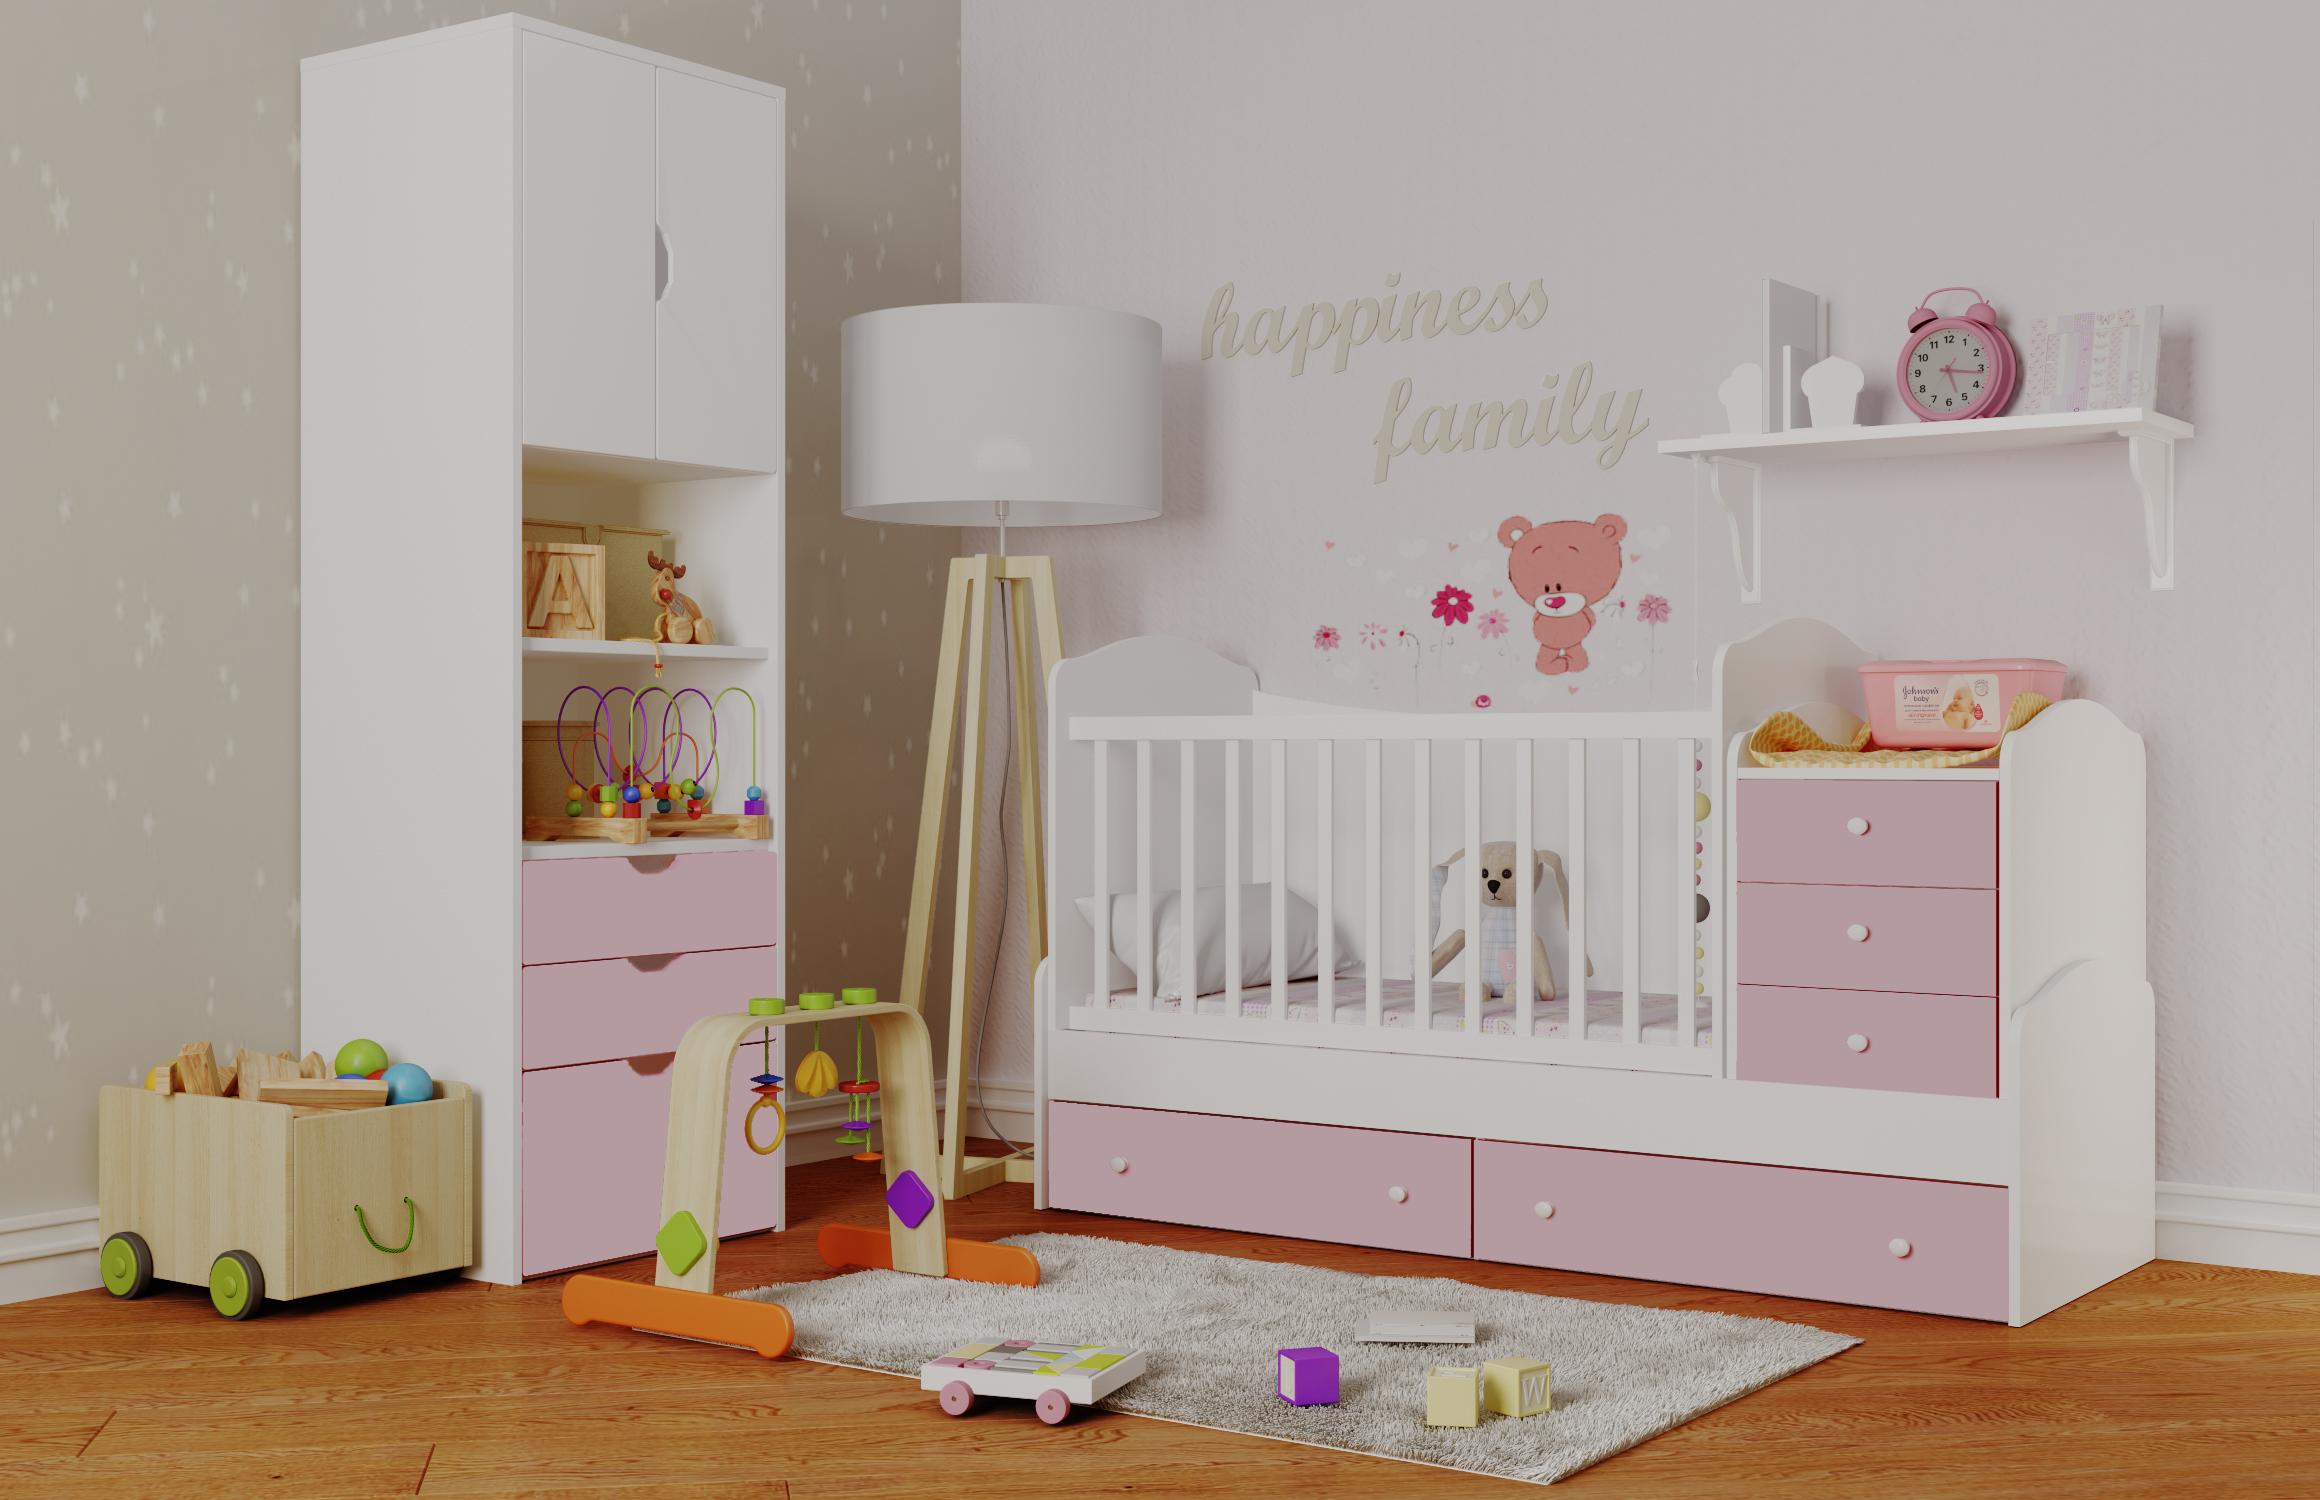 Обустройство комнаты ребенка практичной мебелью